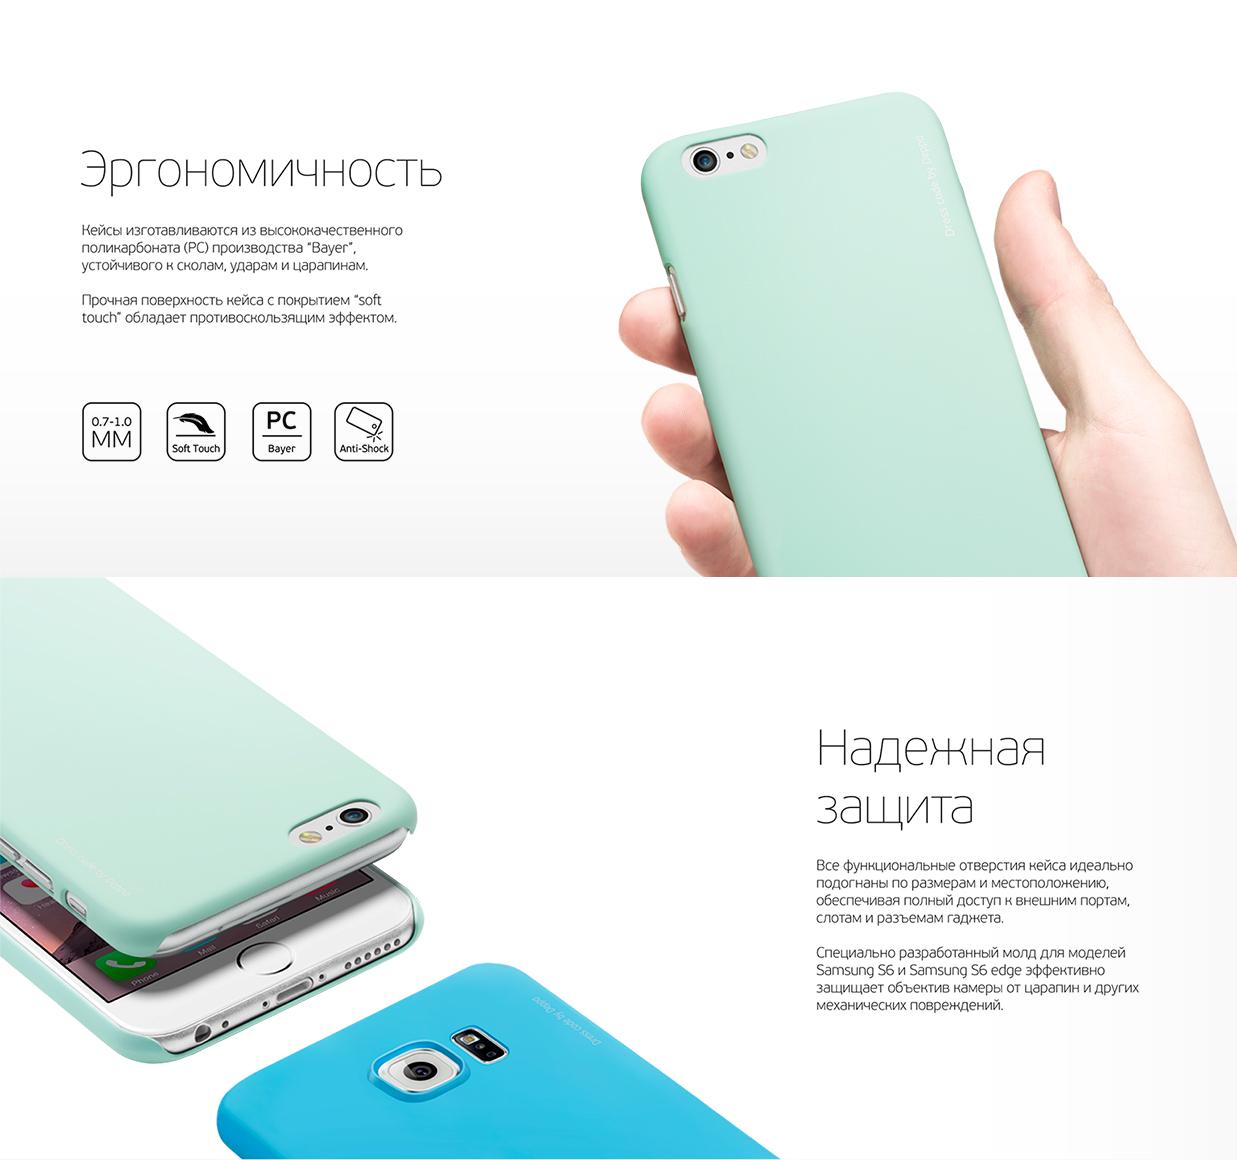 Чехол Air Case для Samsung Galaxy S6 edge